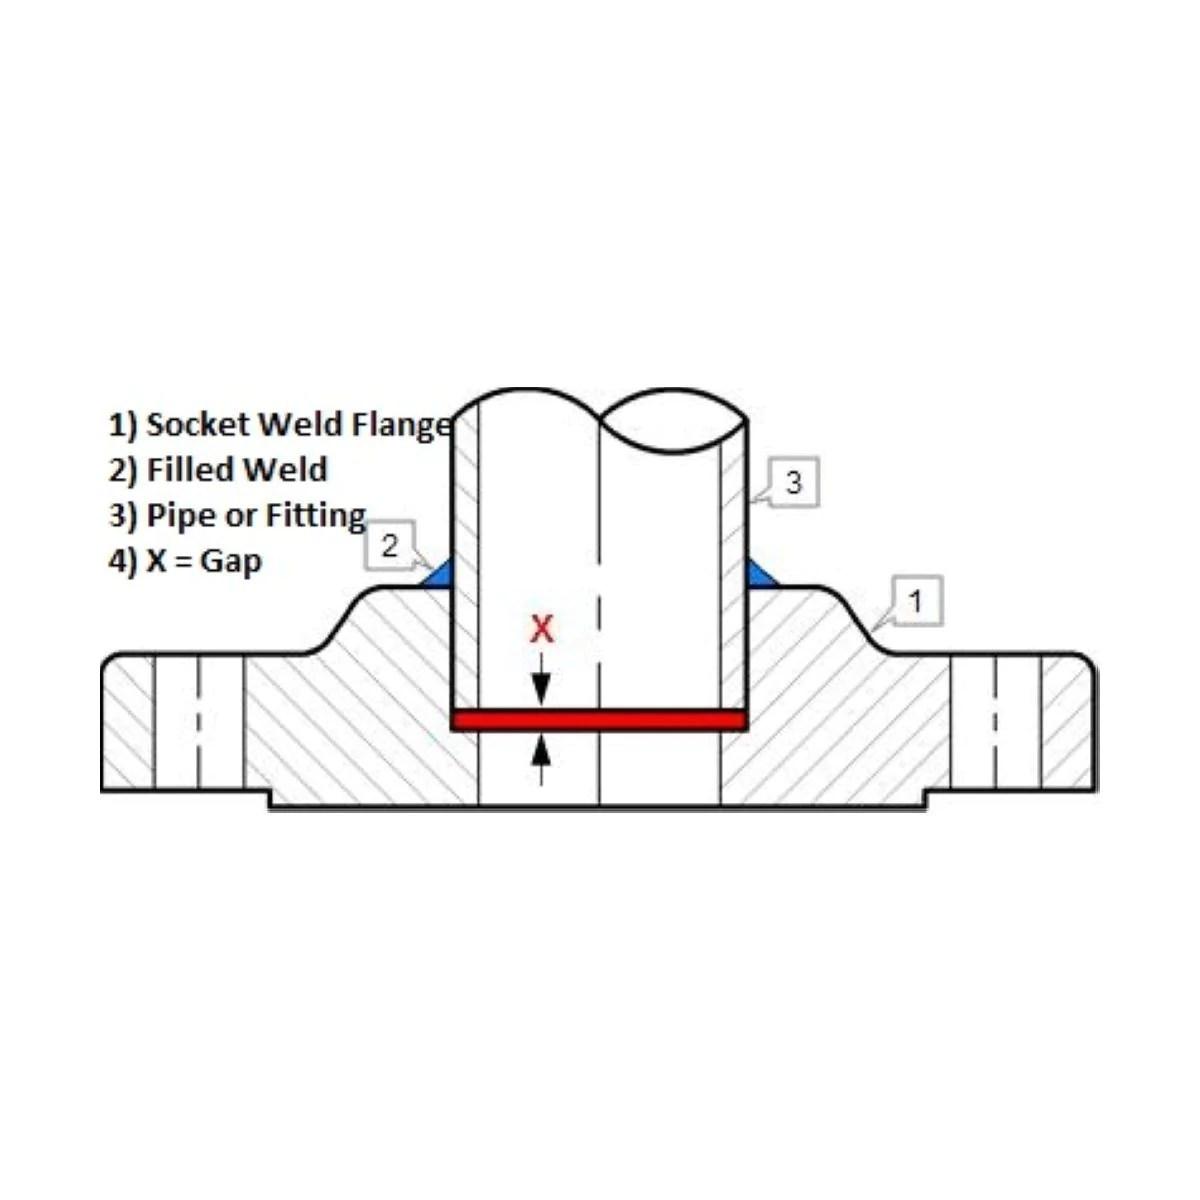 socket weld flange ss304 diagram [ 1200 x 1200 Pixel ]